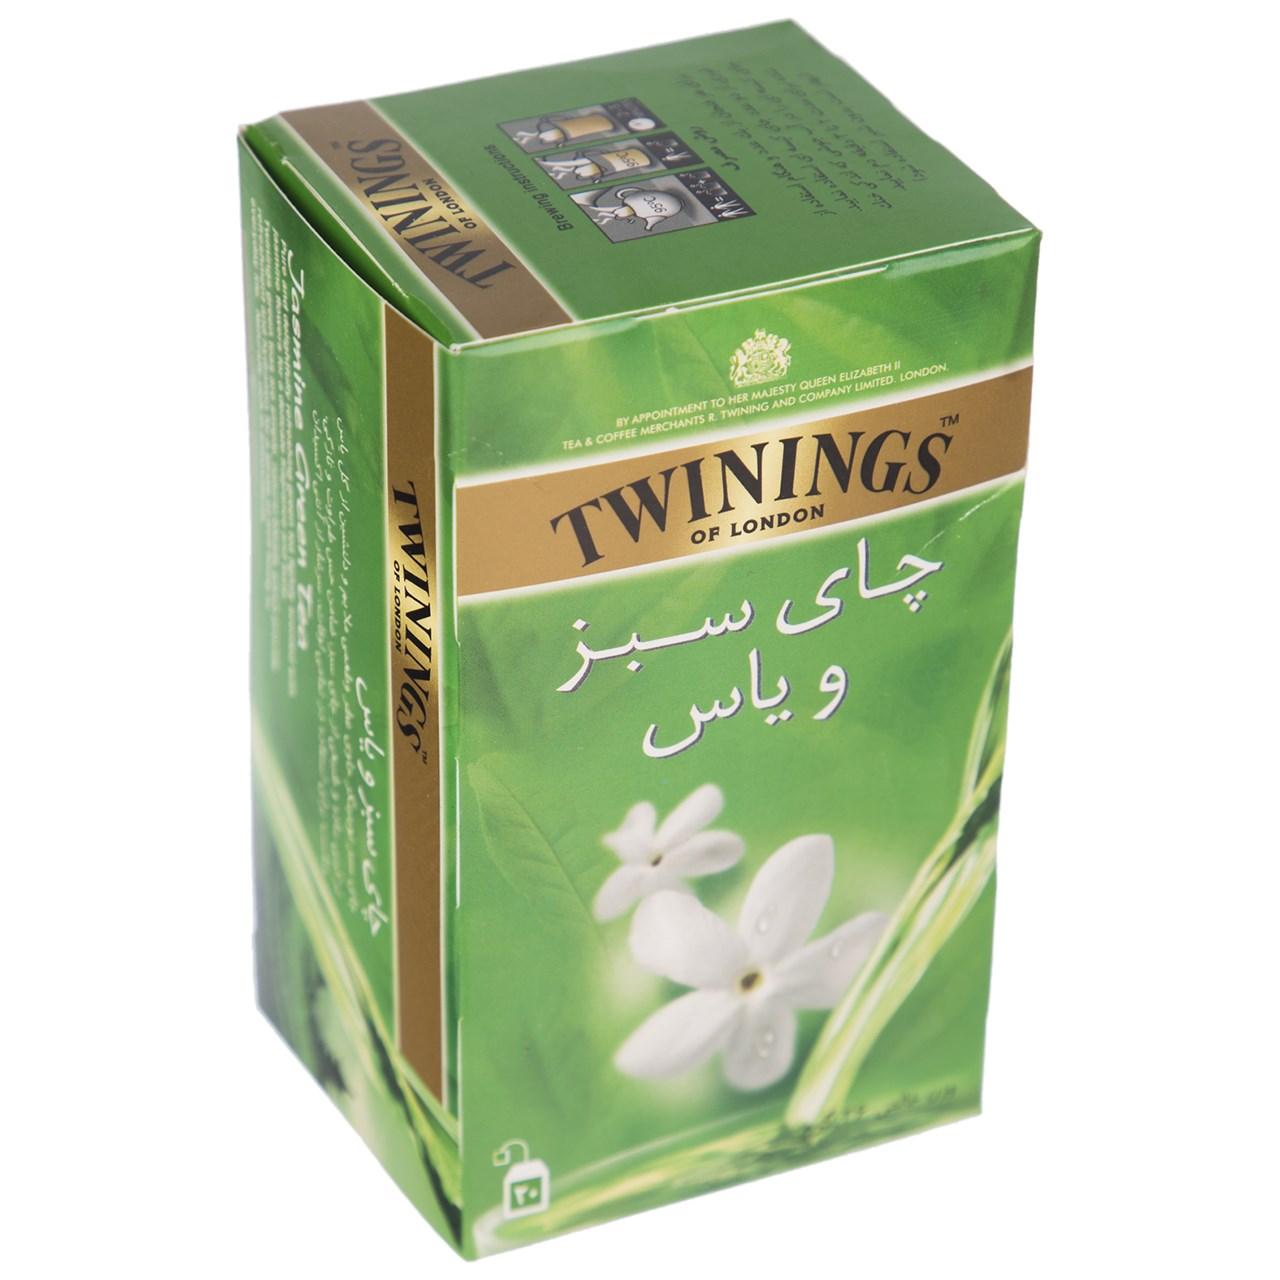 چای سبز و یاس کیسه ای 20عددی توینینگز - چای سبز و یاس کیسه ای 20عددی توینینگز